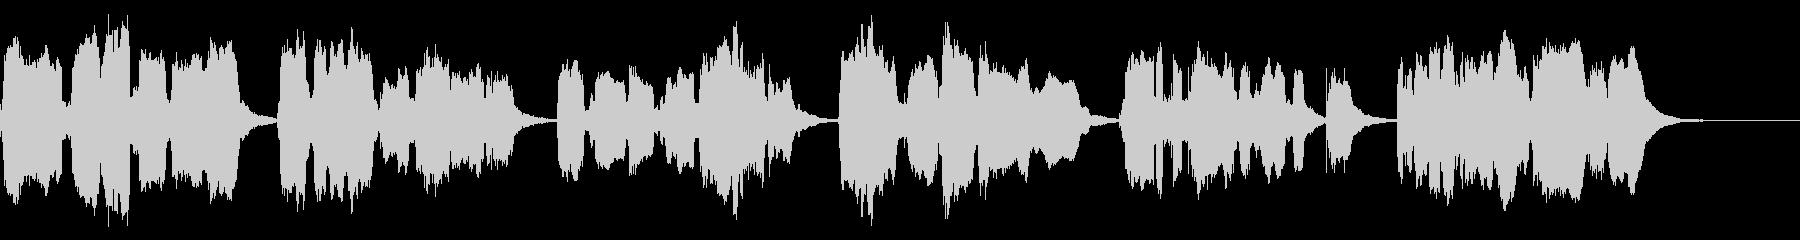 かごめかごめ(響2)【神秘的な少女】の未再生の波形